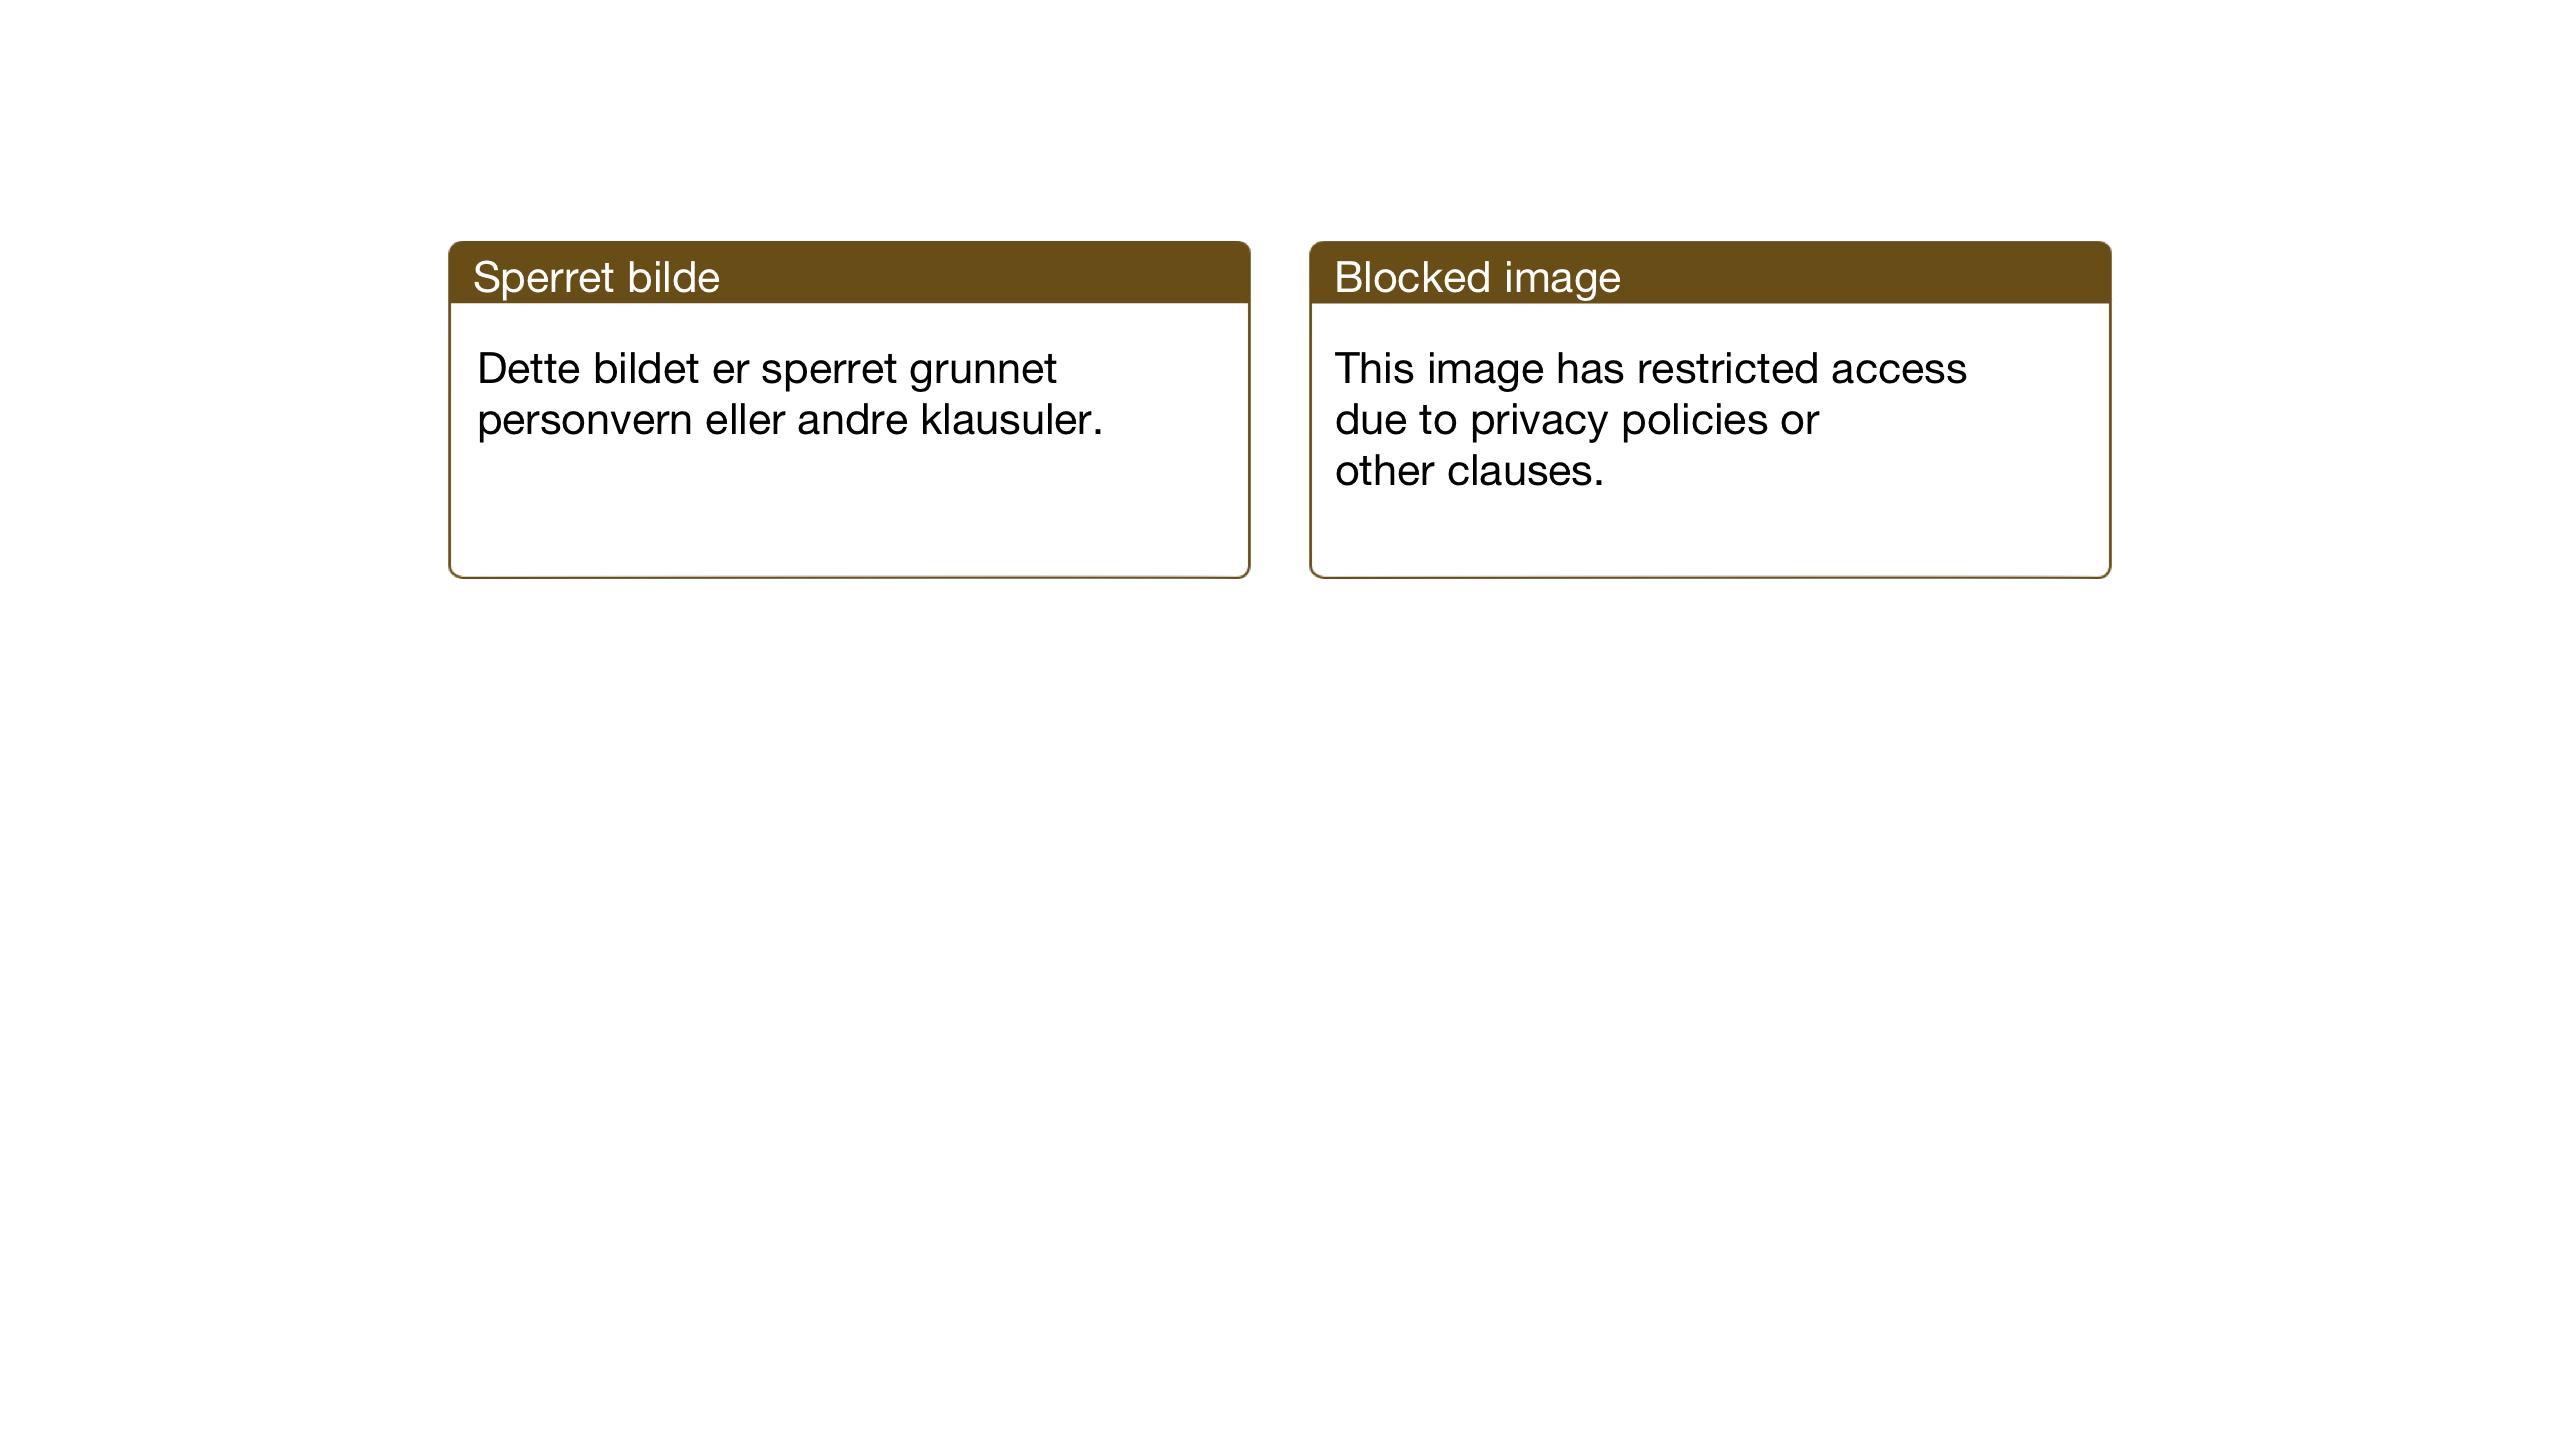 SAT, Ministerialprotokoller, klokkerbøker og fødselsregistre - Sør-Trøndelag, 655/L0689: Klokkerbok nr. 655C05, 1922-1936, s. 63